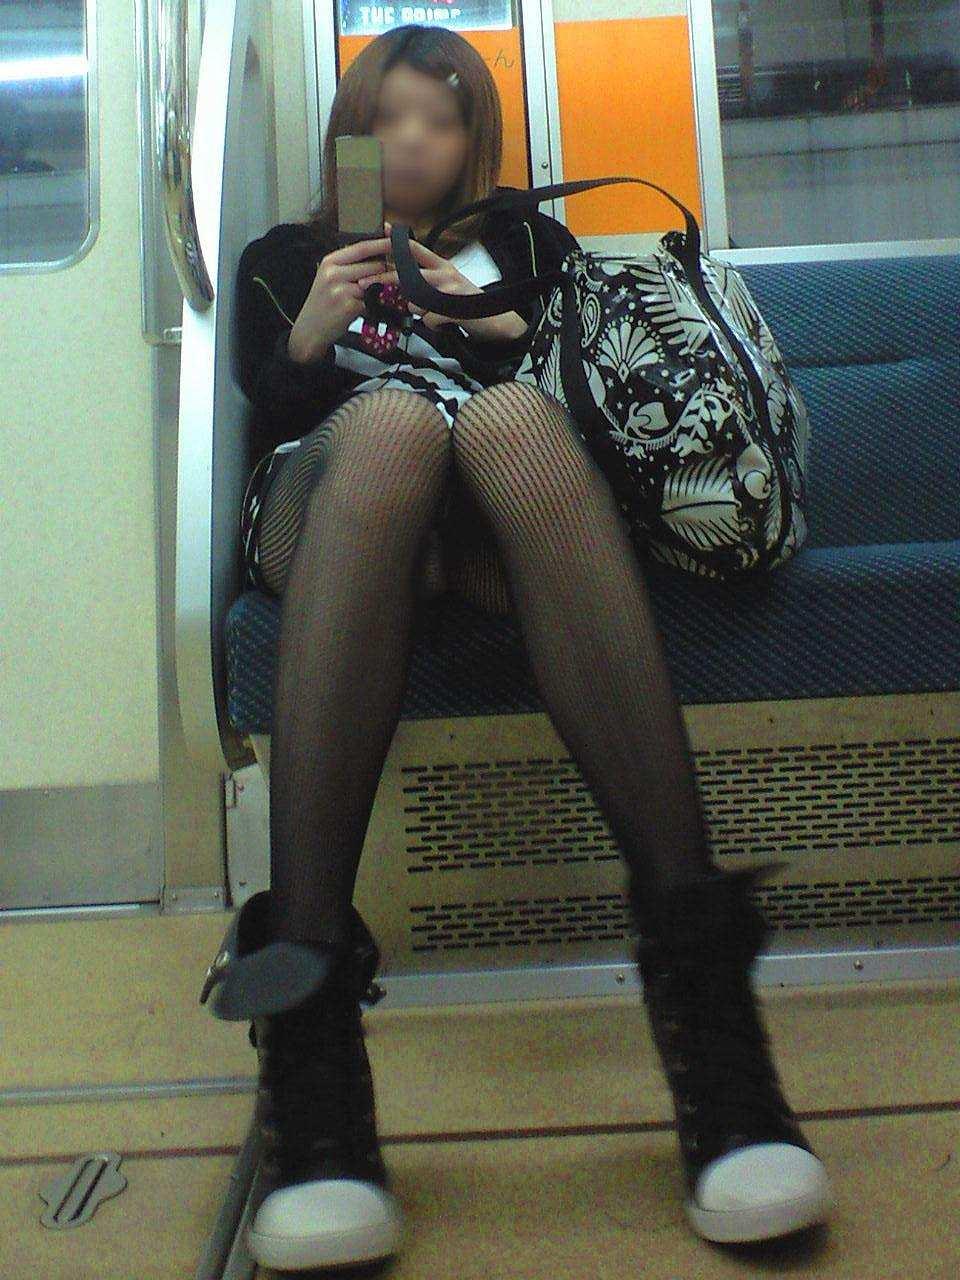 電車内で秘密のトライアングルに捉えた素人のいやらしいパンチラエロ画像 2370